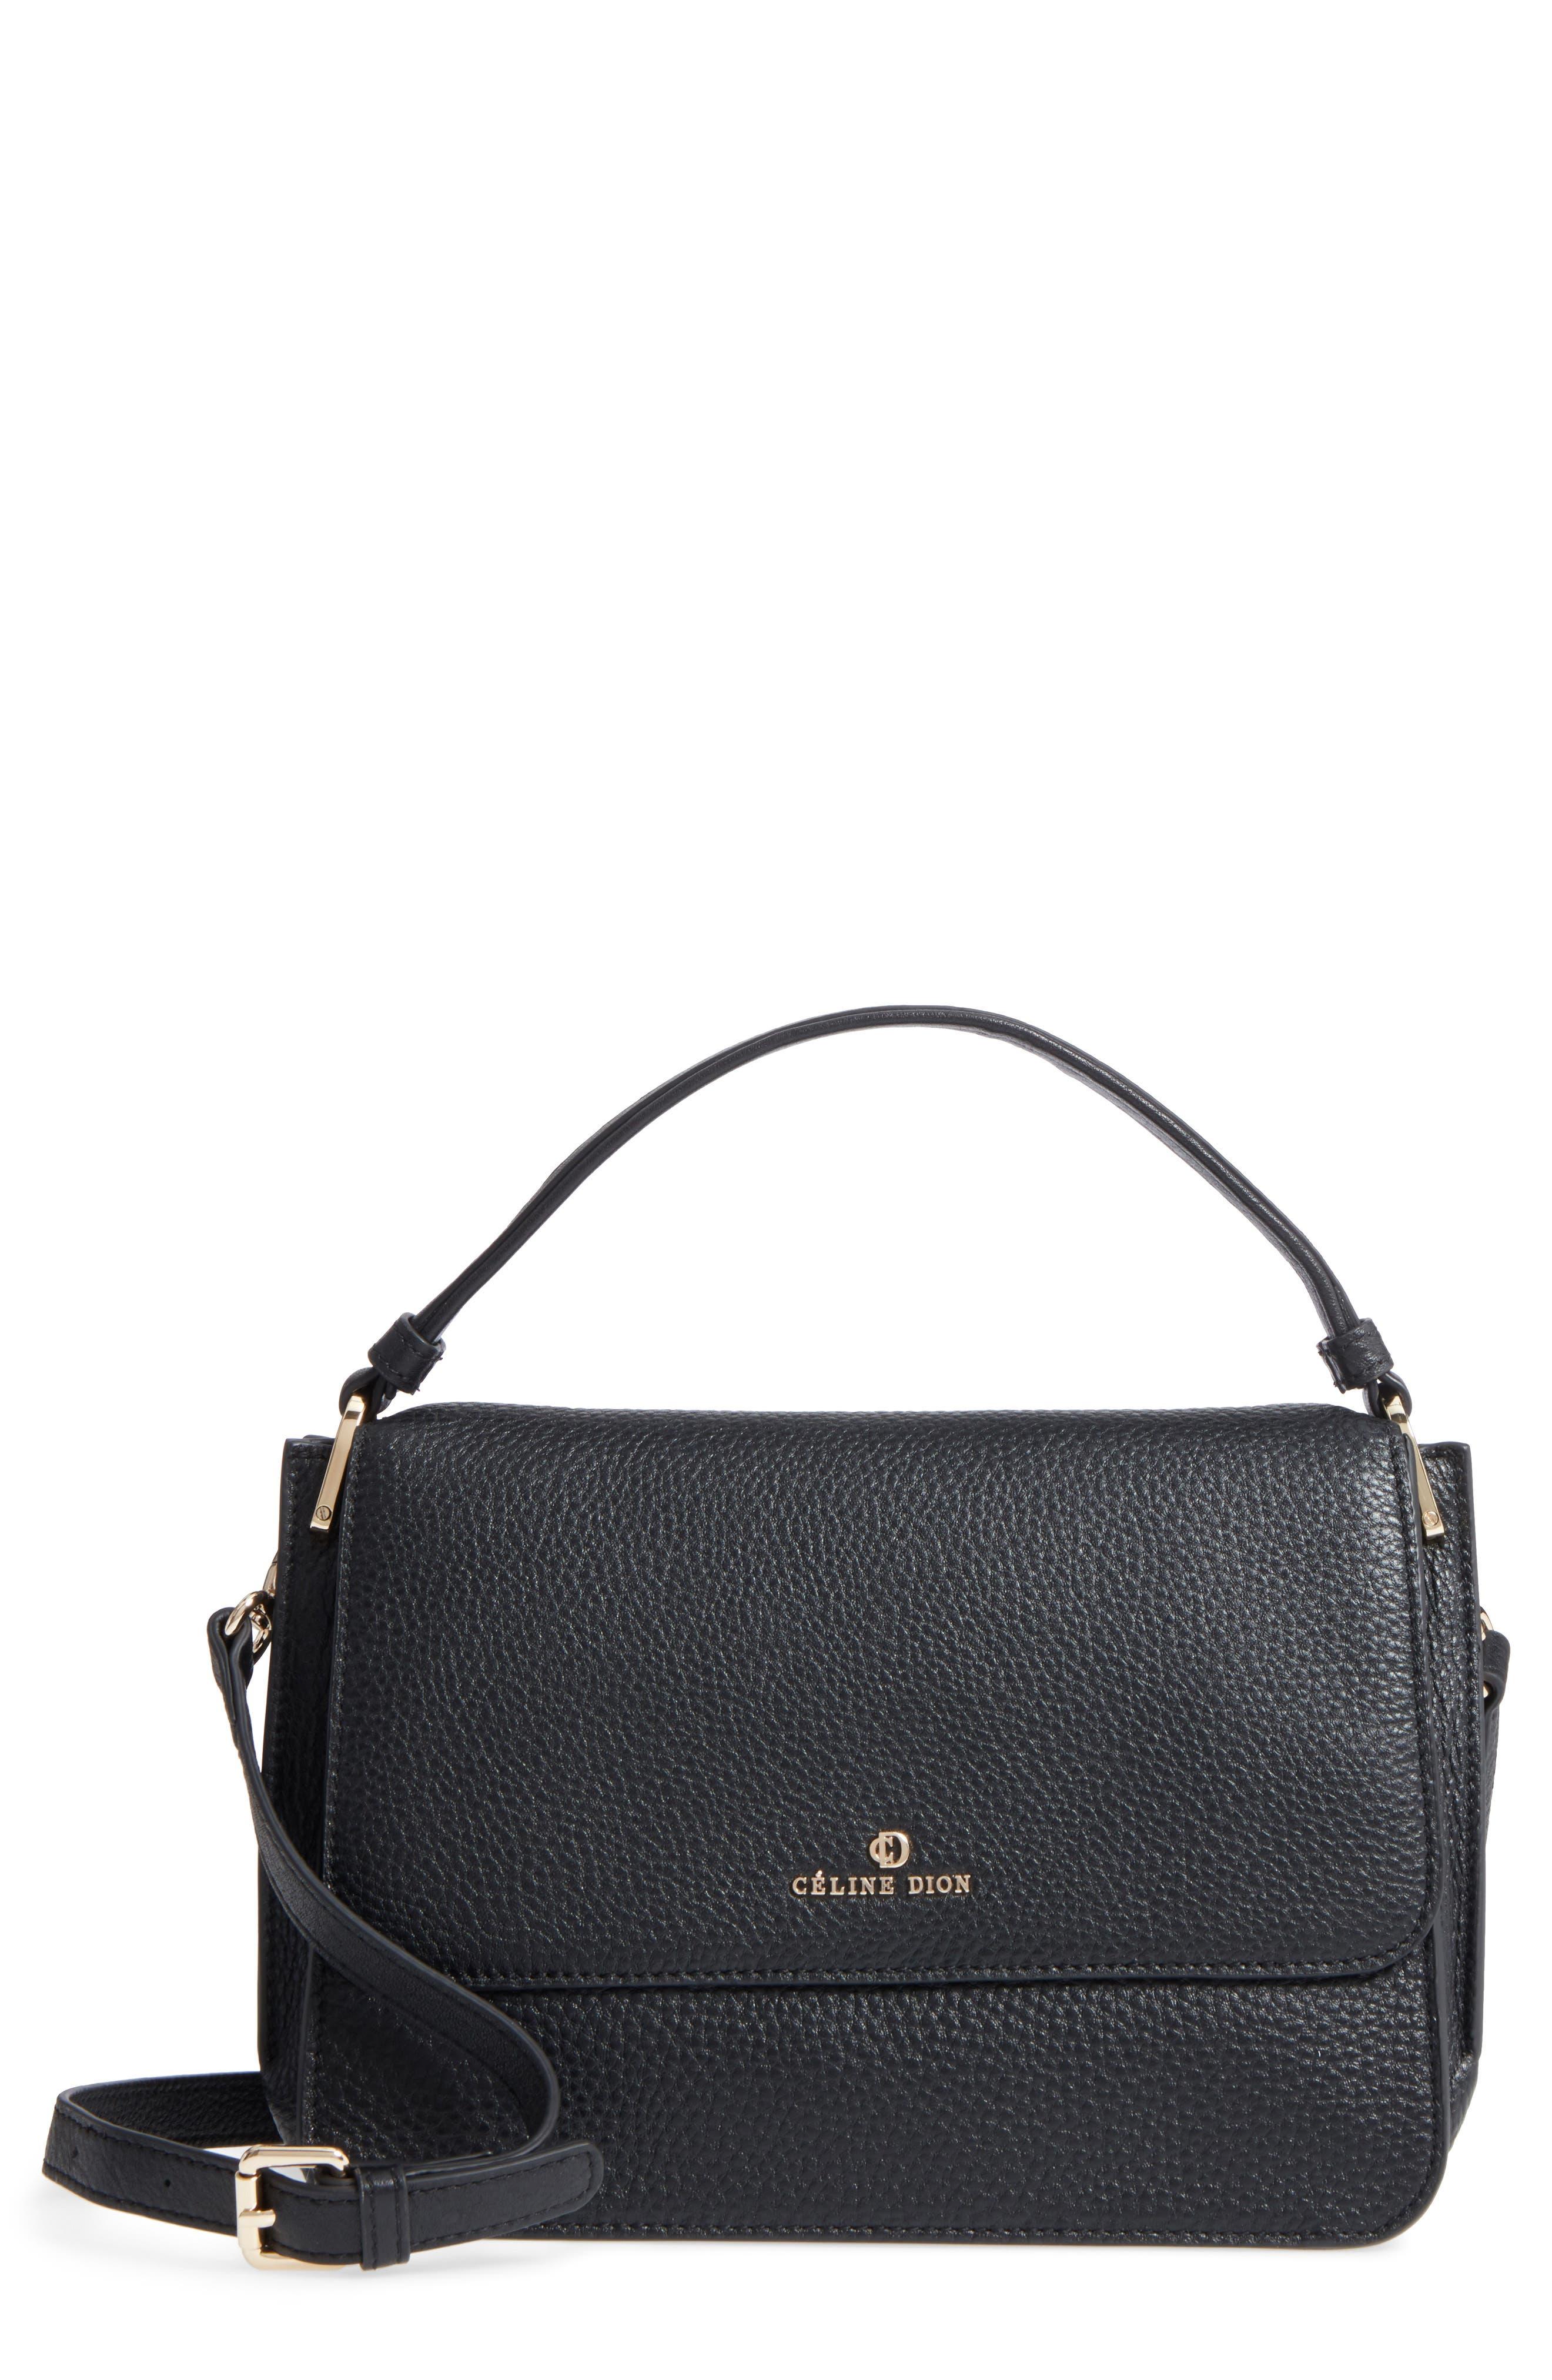 Céline Dion Adagio Leather Satchel,                             Main thumbnail 1, color,                             Black